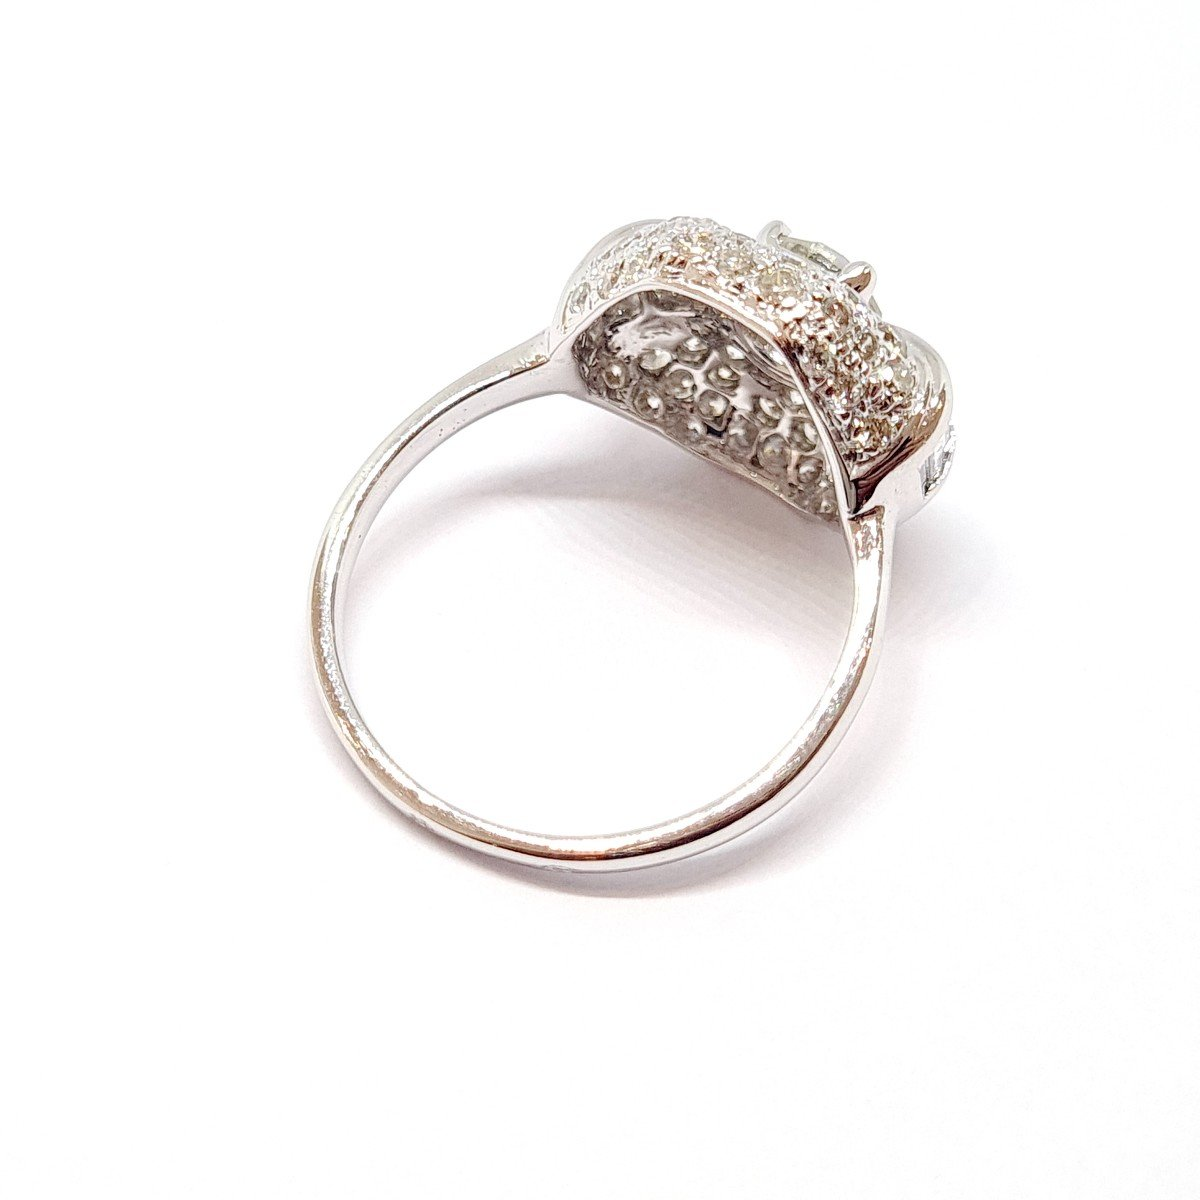 Art Deco Ring (1920 - 1935) 18k White Gold Diamonds-photo-1